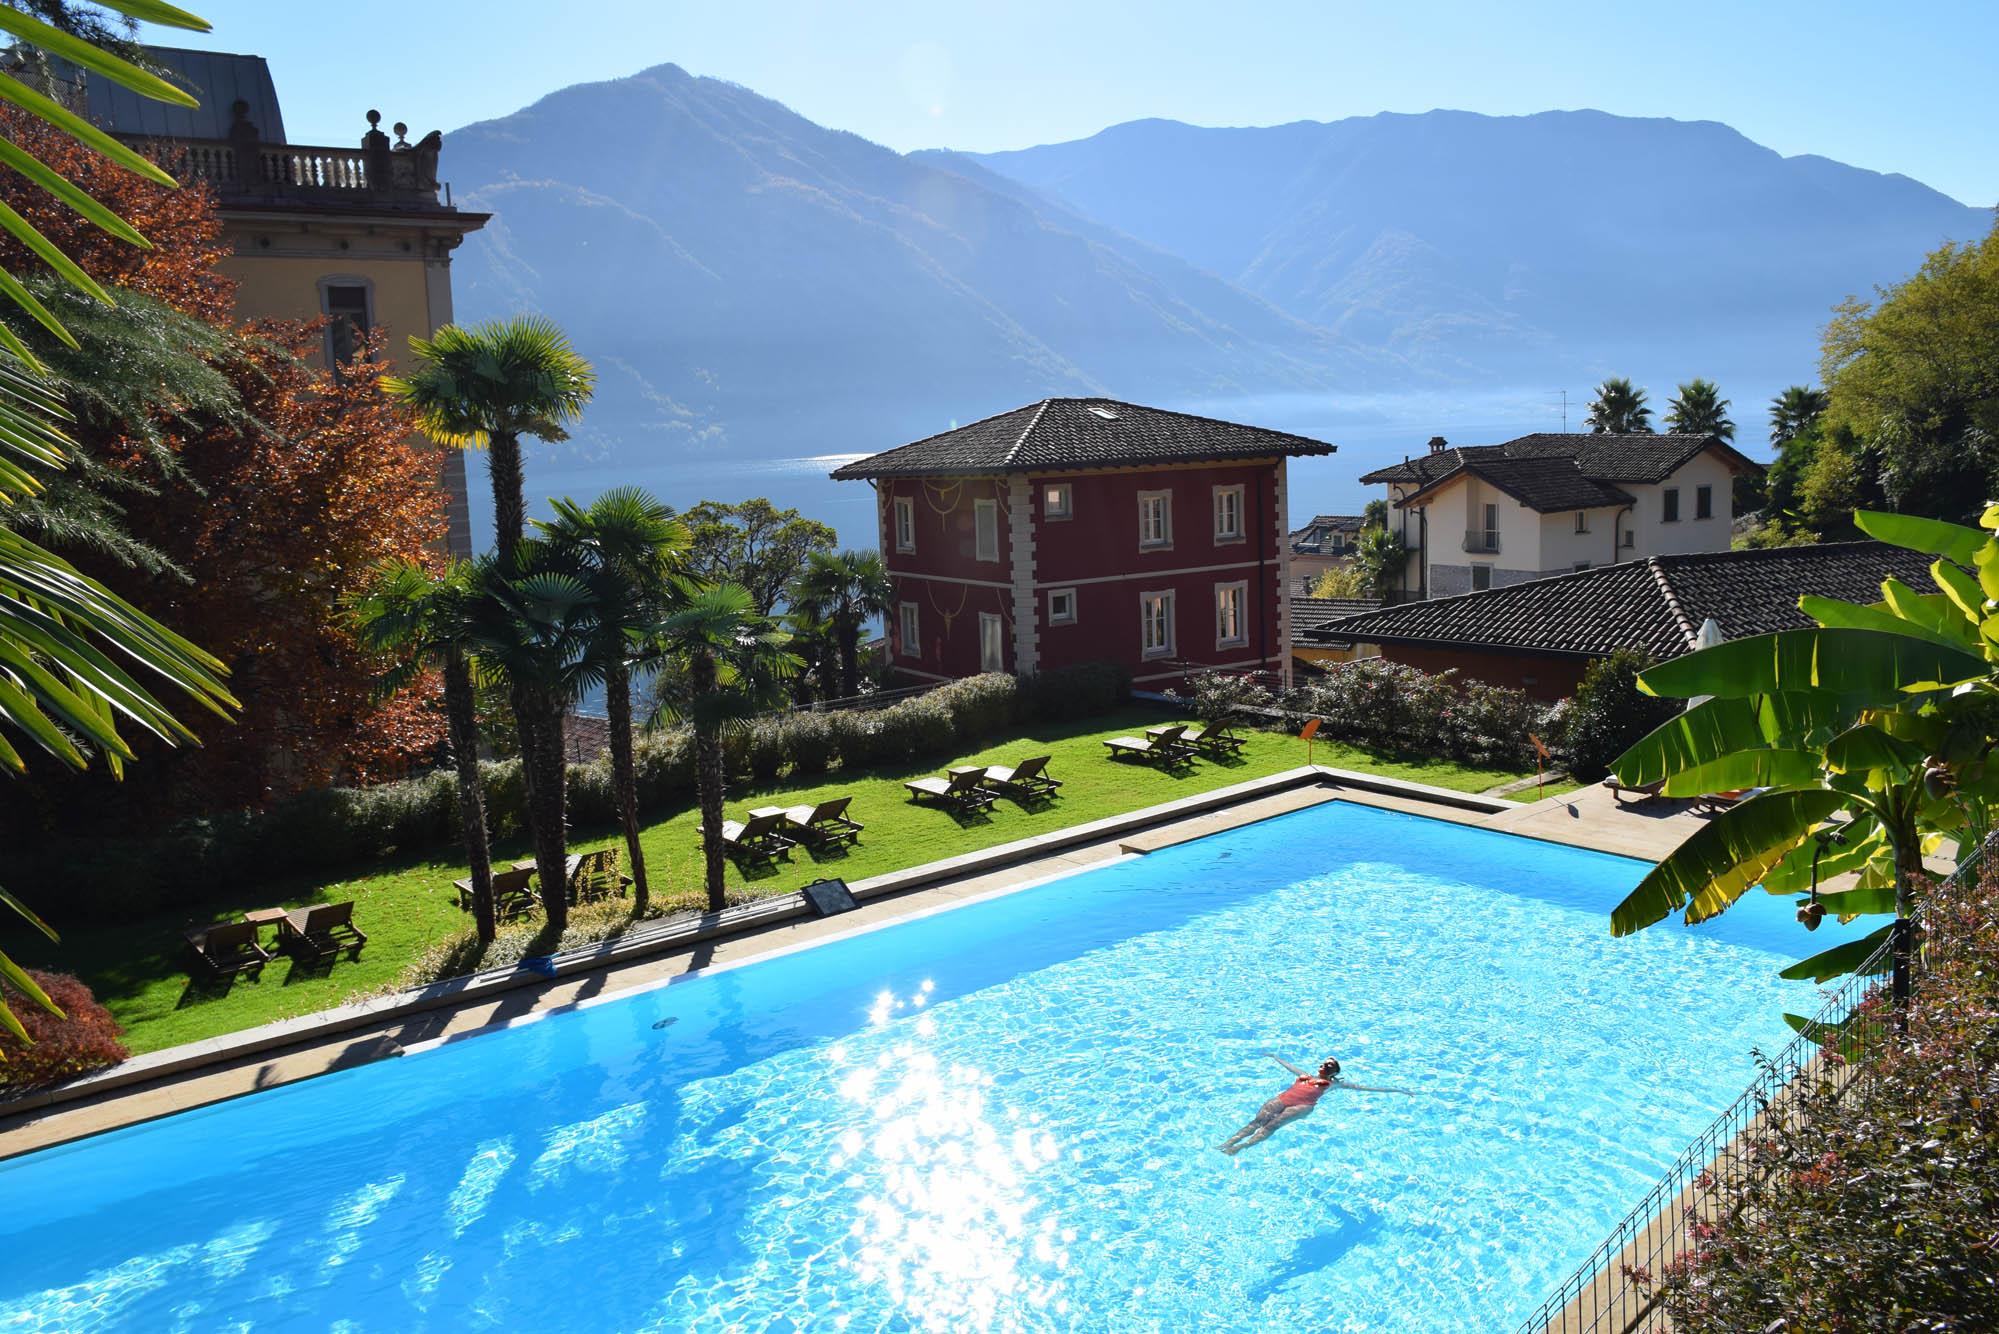 Piscina Dei Fiori - Grand Hotel Tremezzo - Lago di Como - Itália